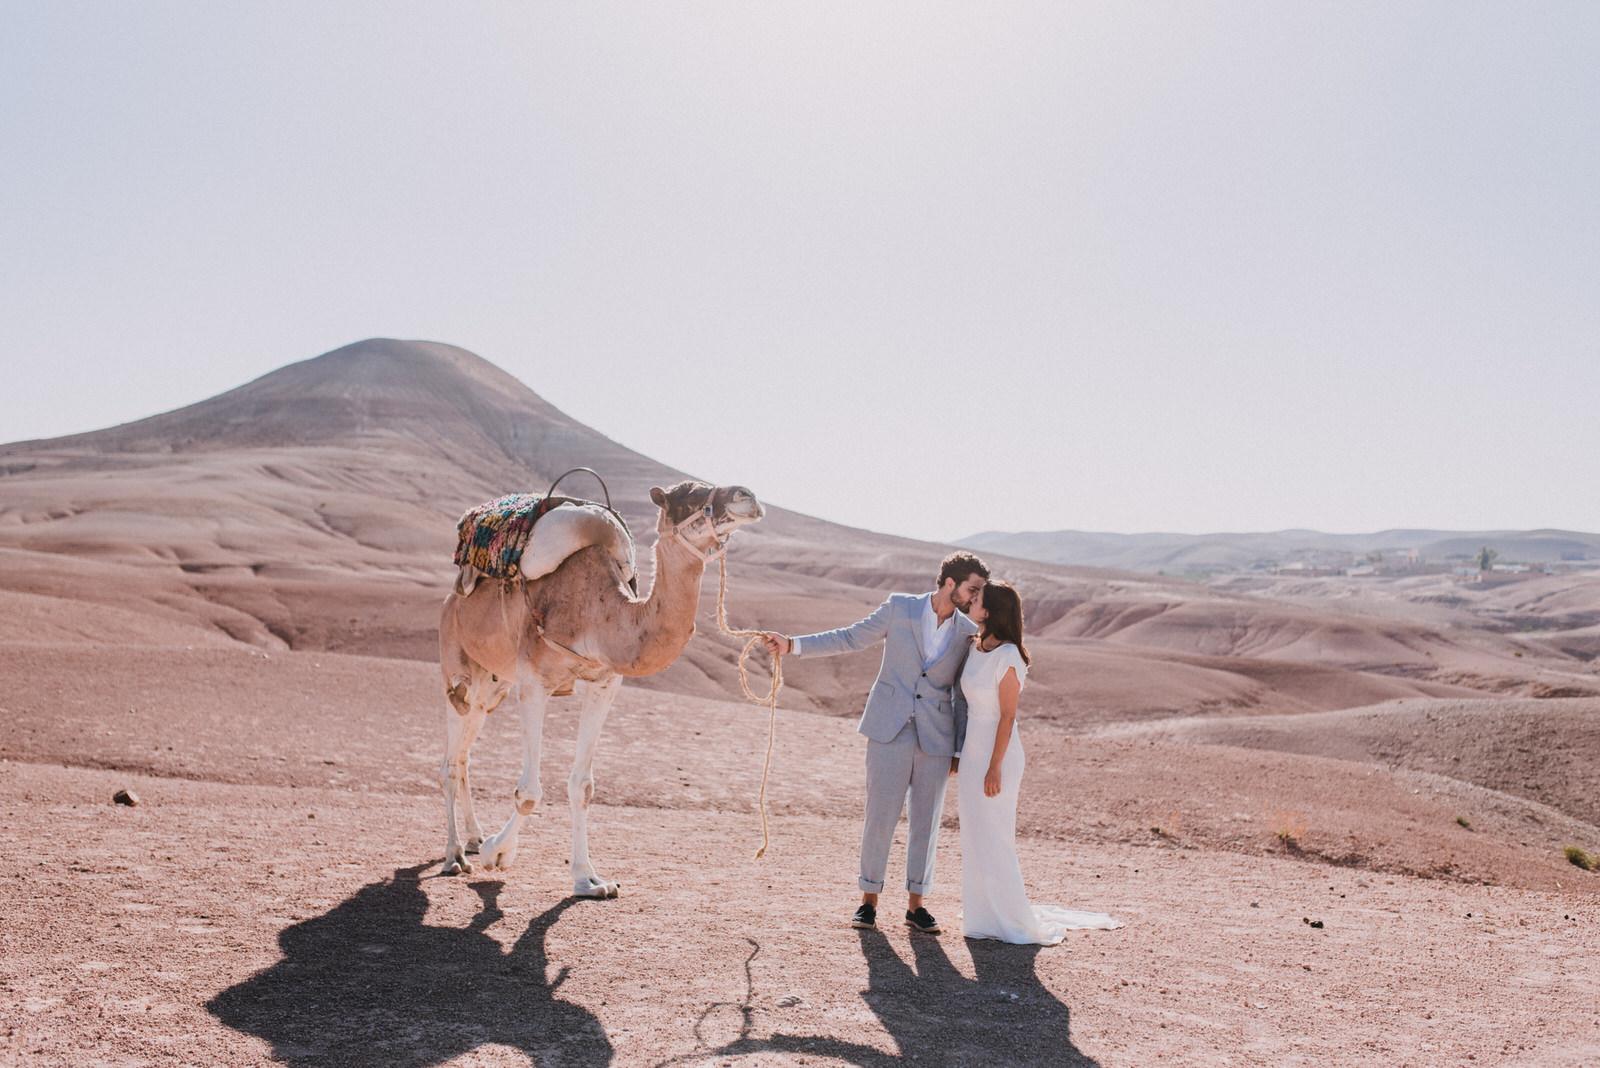 Eva & Killian Elopement in Morocco